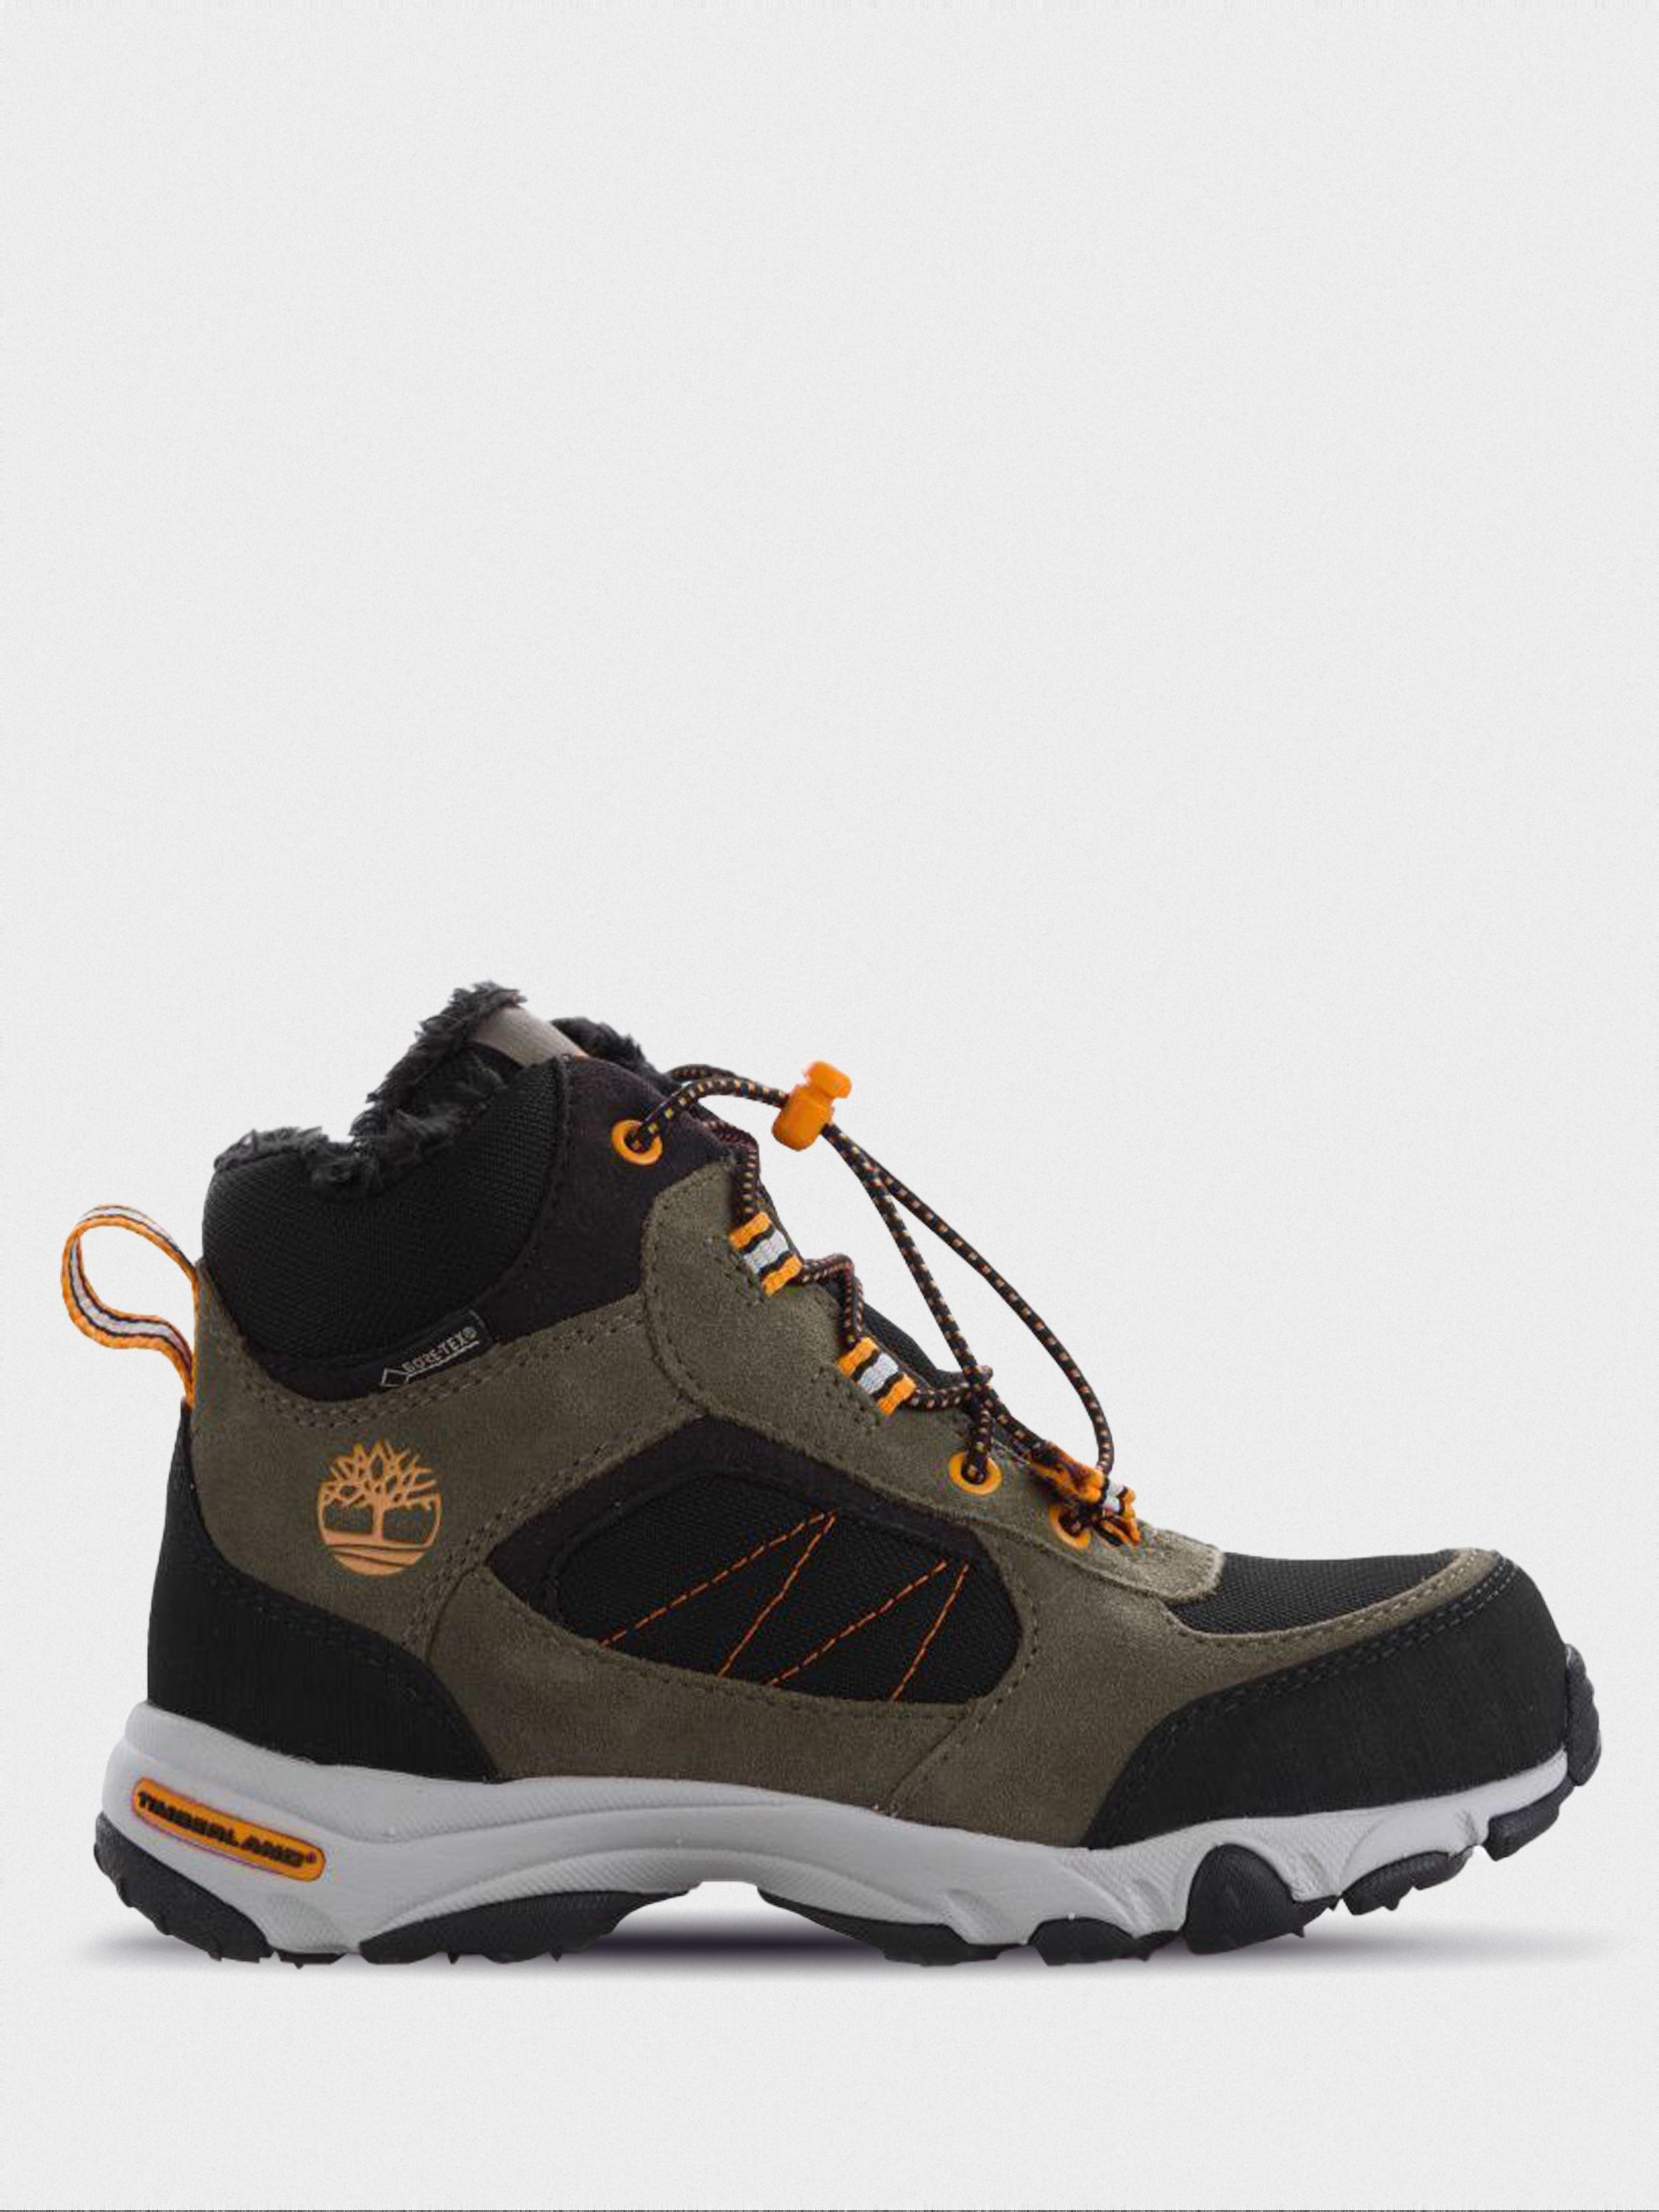 Ботинки детские Timberland Ossipee TL1694 брендовая обувь, 2017